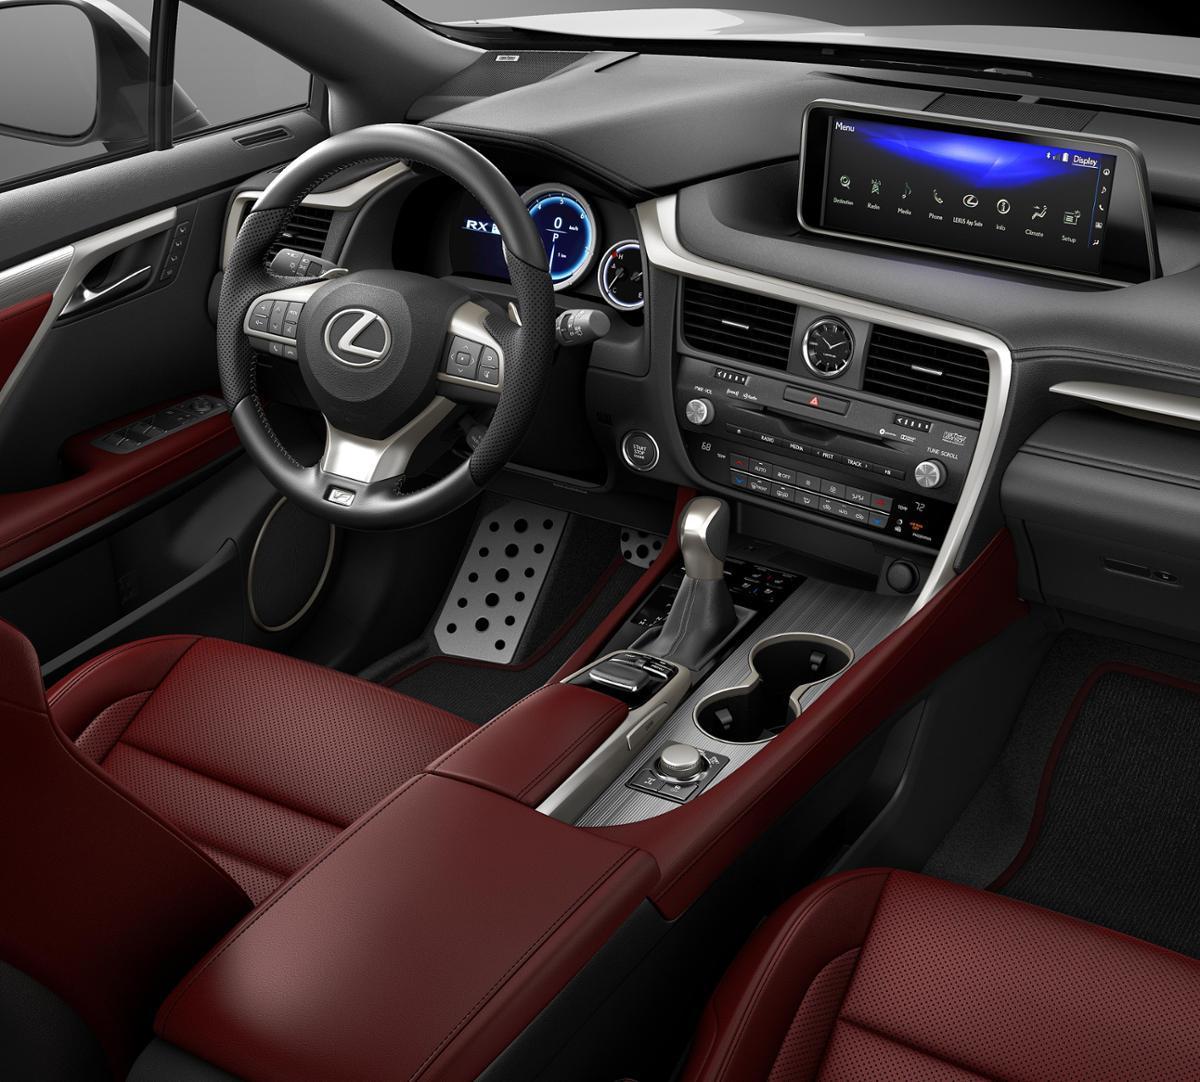 2014 Lexus Is F Sport For Sale: Kuni Lexus Of Portland